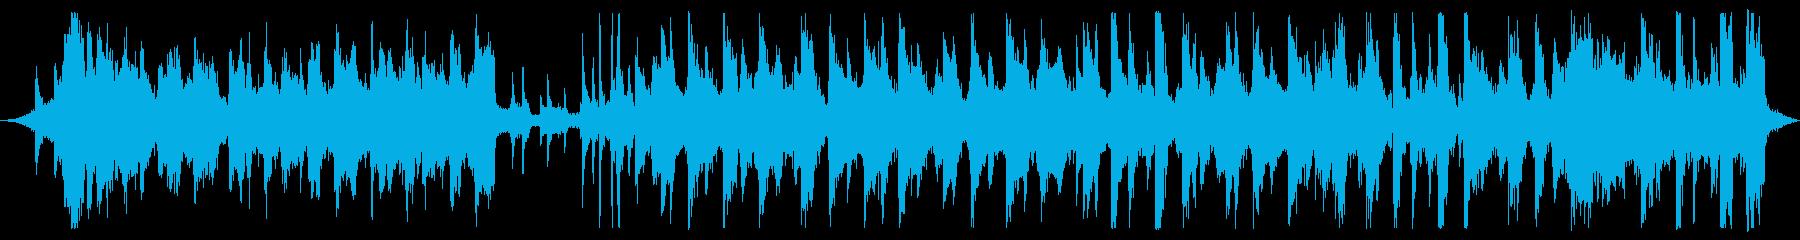 夏 爽やか ハウス 30秒版の再生済みの波形